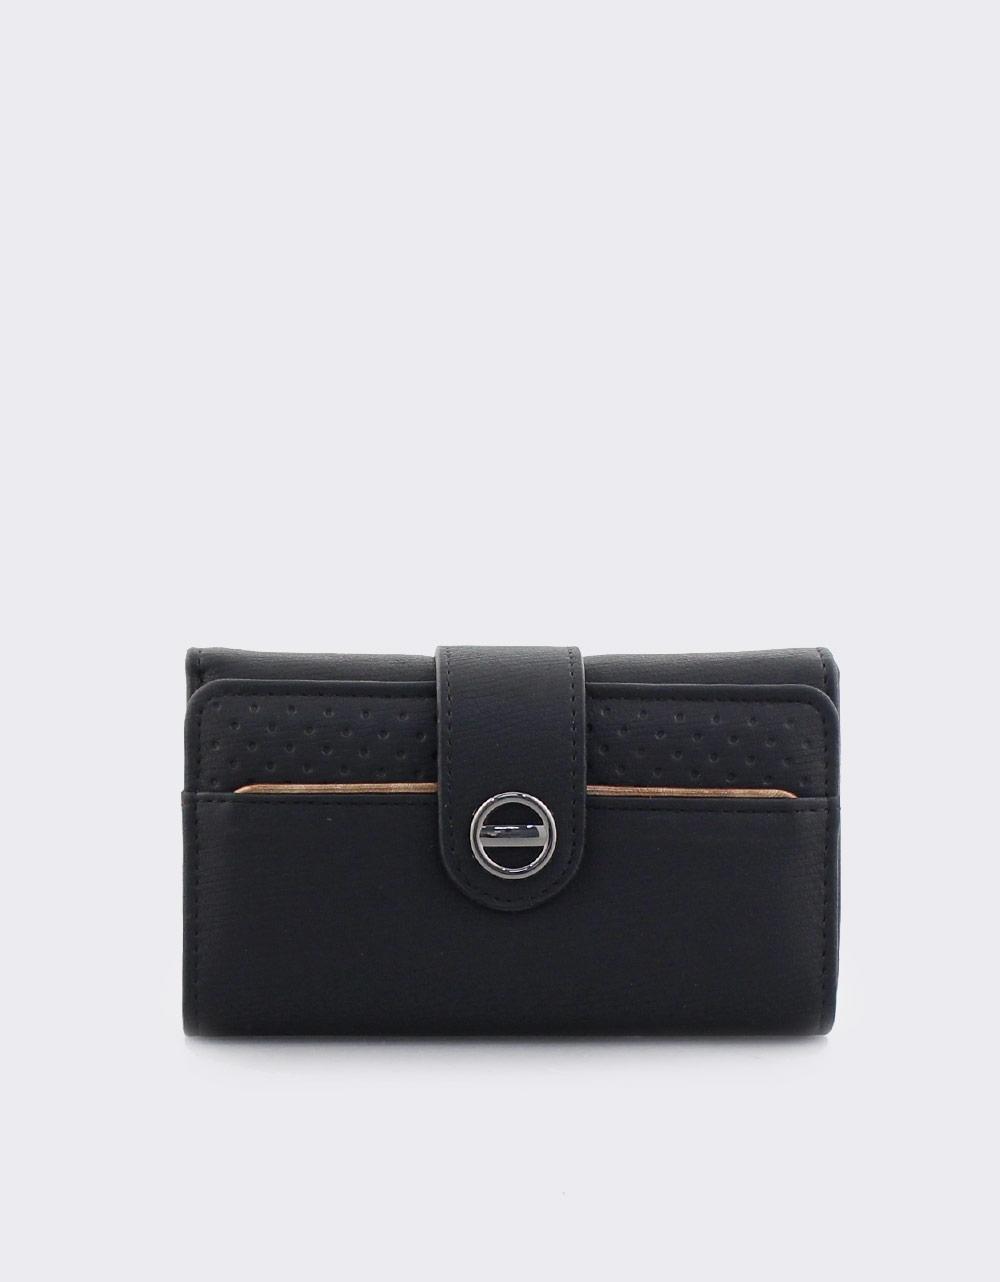 Εικόνα από Γυναικεία πορτοφόλια με κλείσιμο με λουράκι Μαύρο